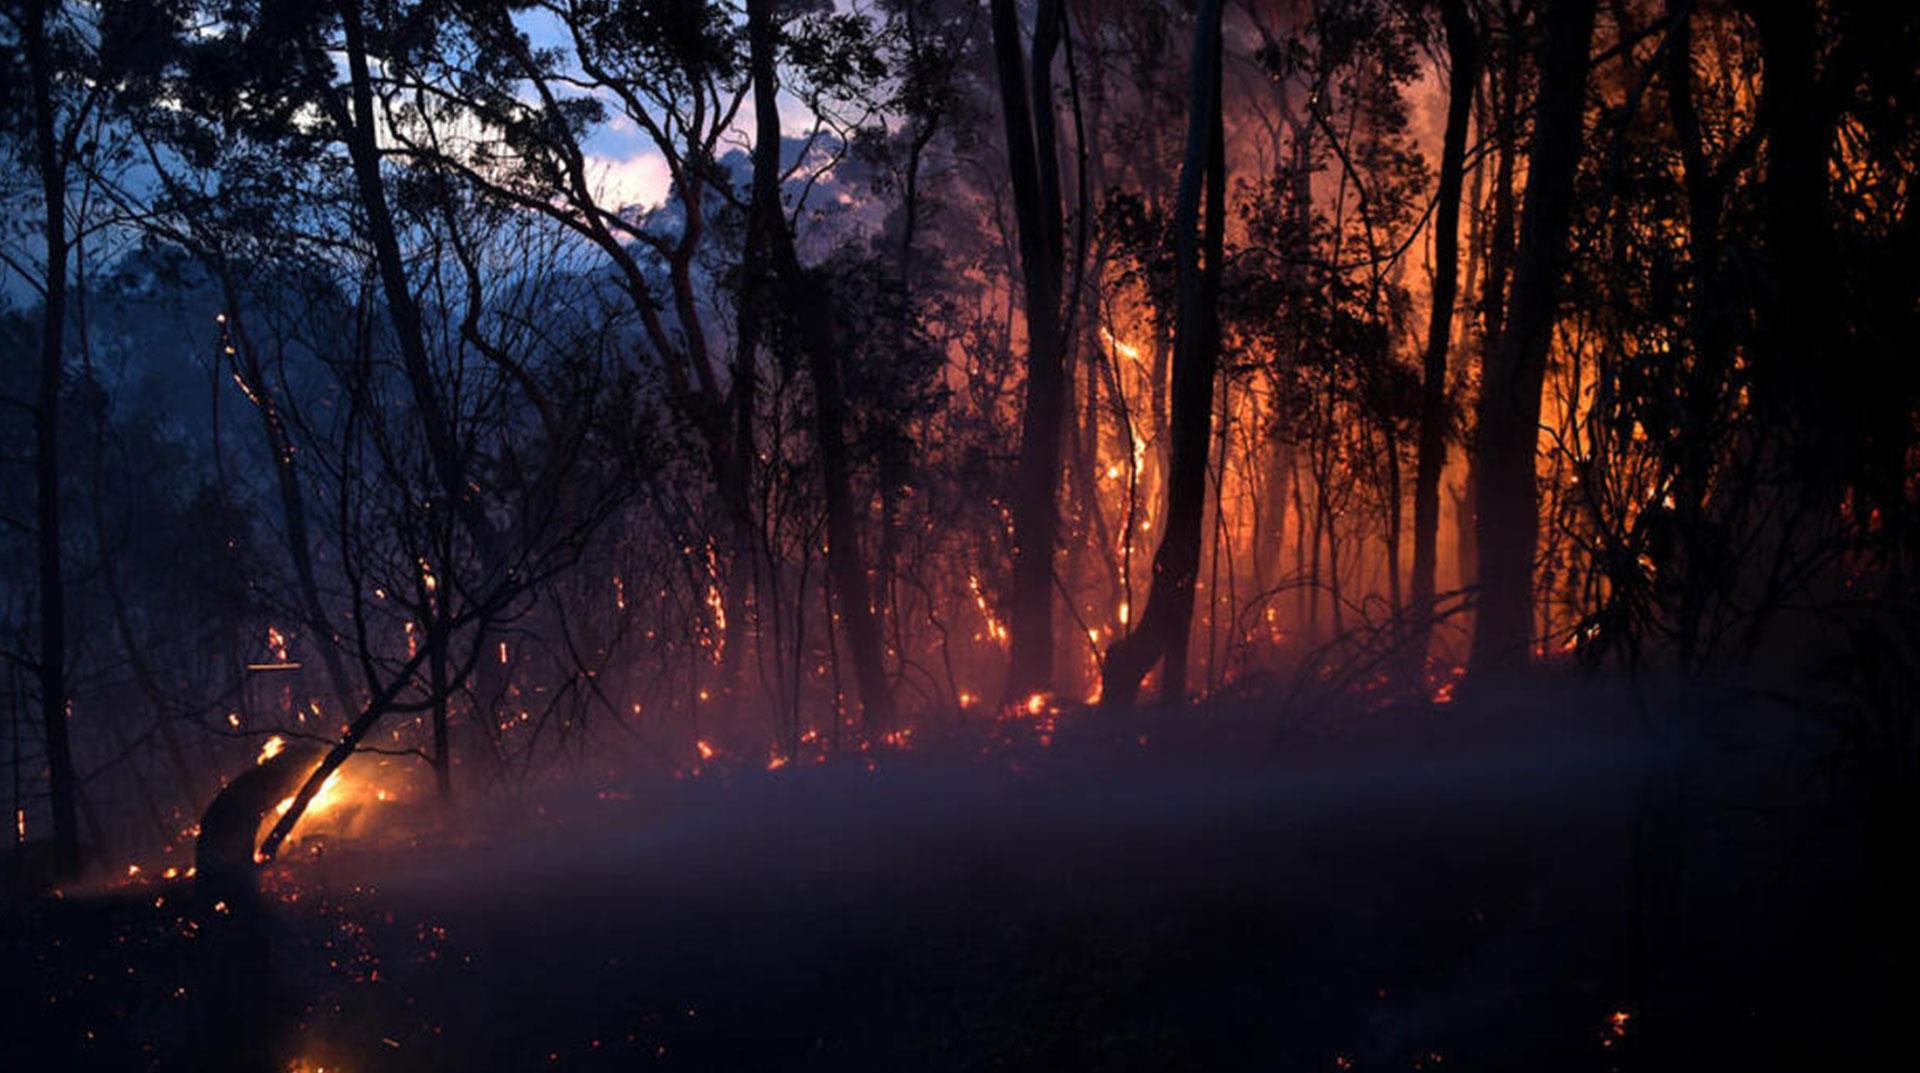 Avustralya'daki Orman Yangınları: 2 Ölü, 30 Yaralı, 7 Kayıp